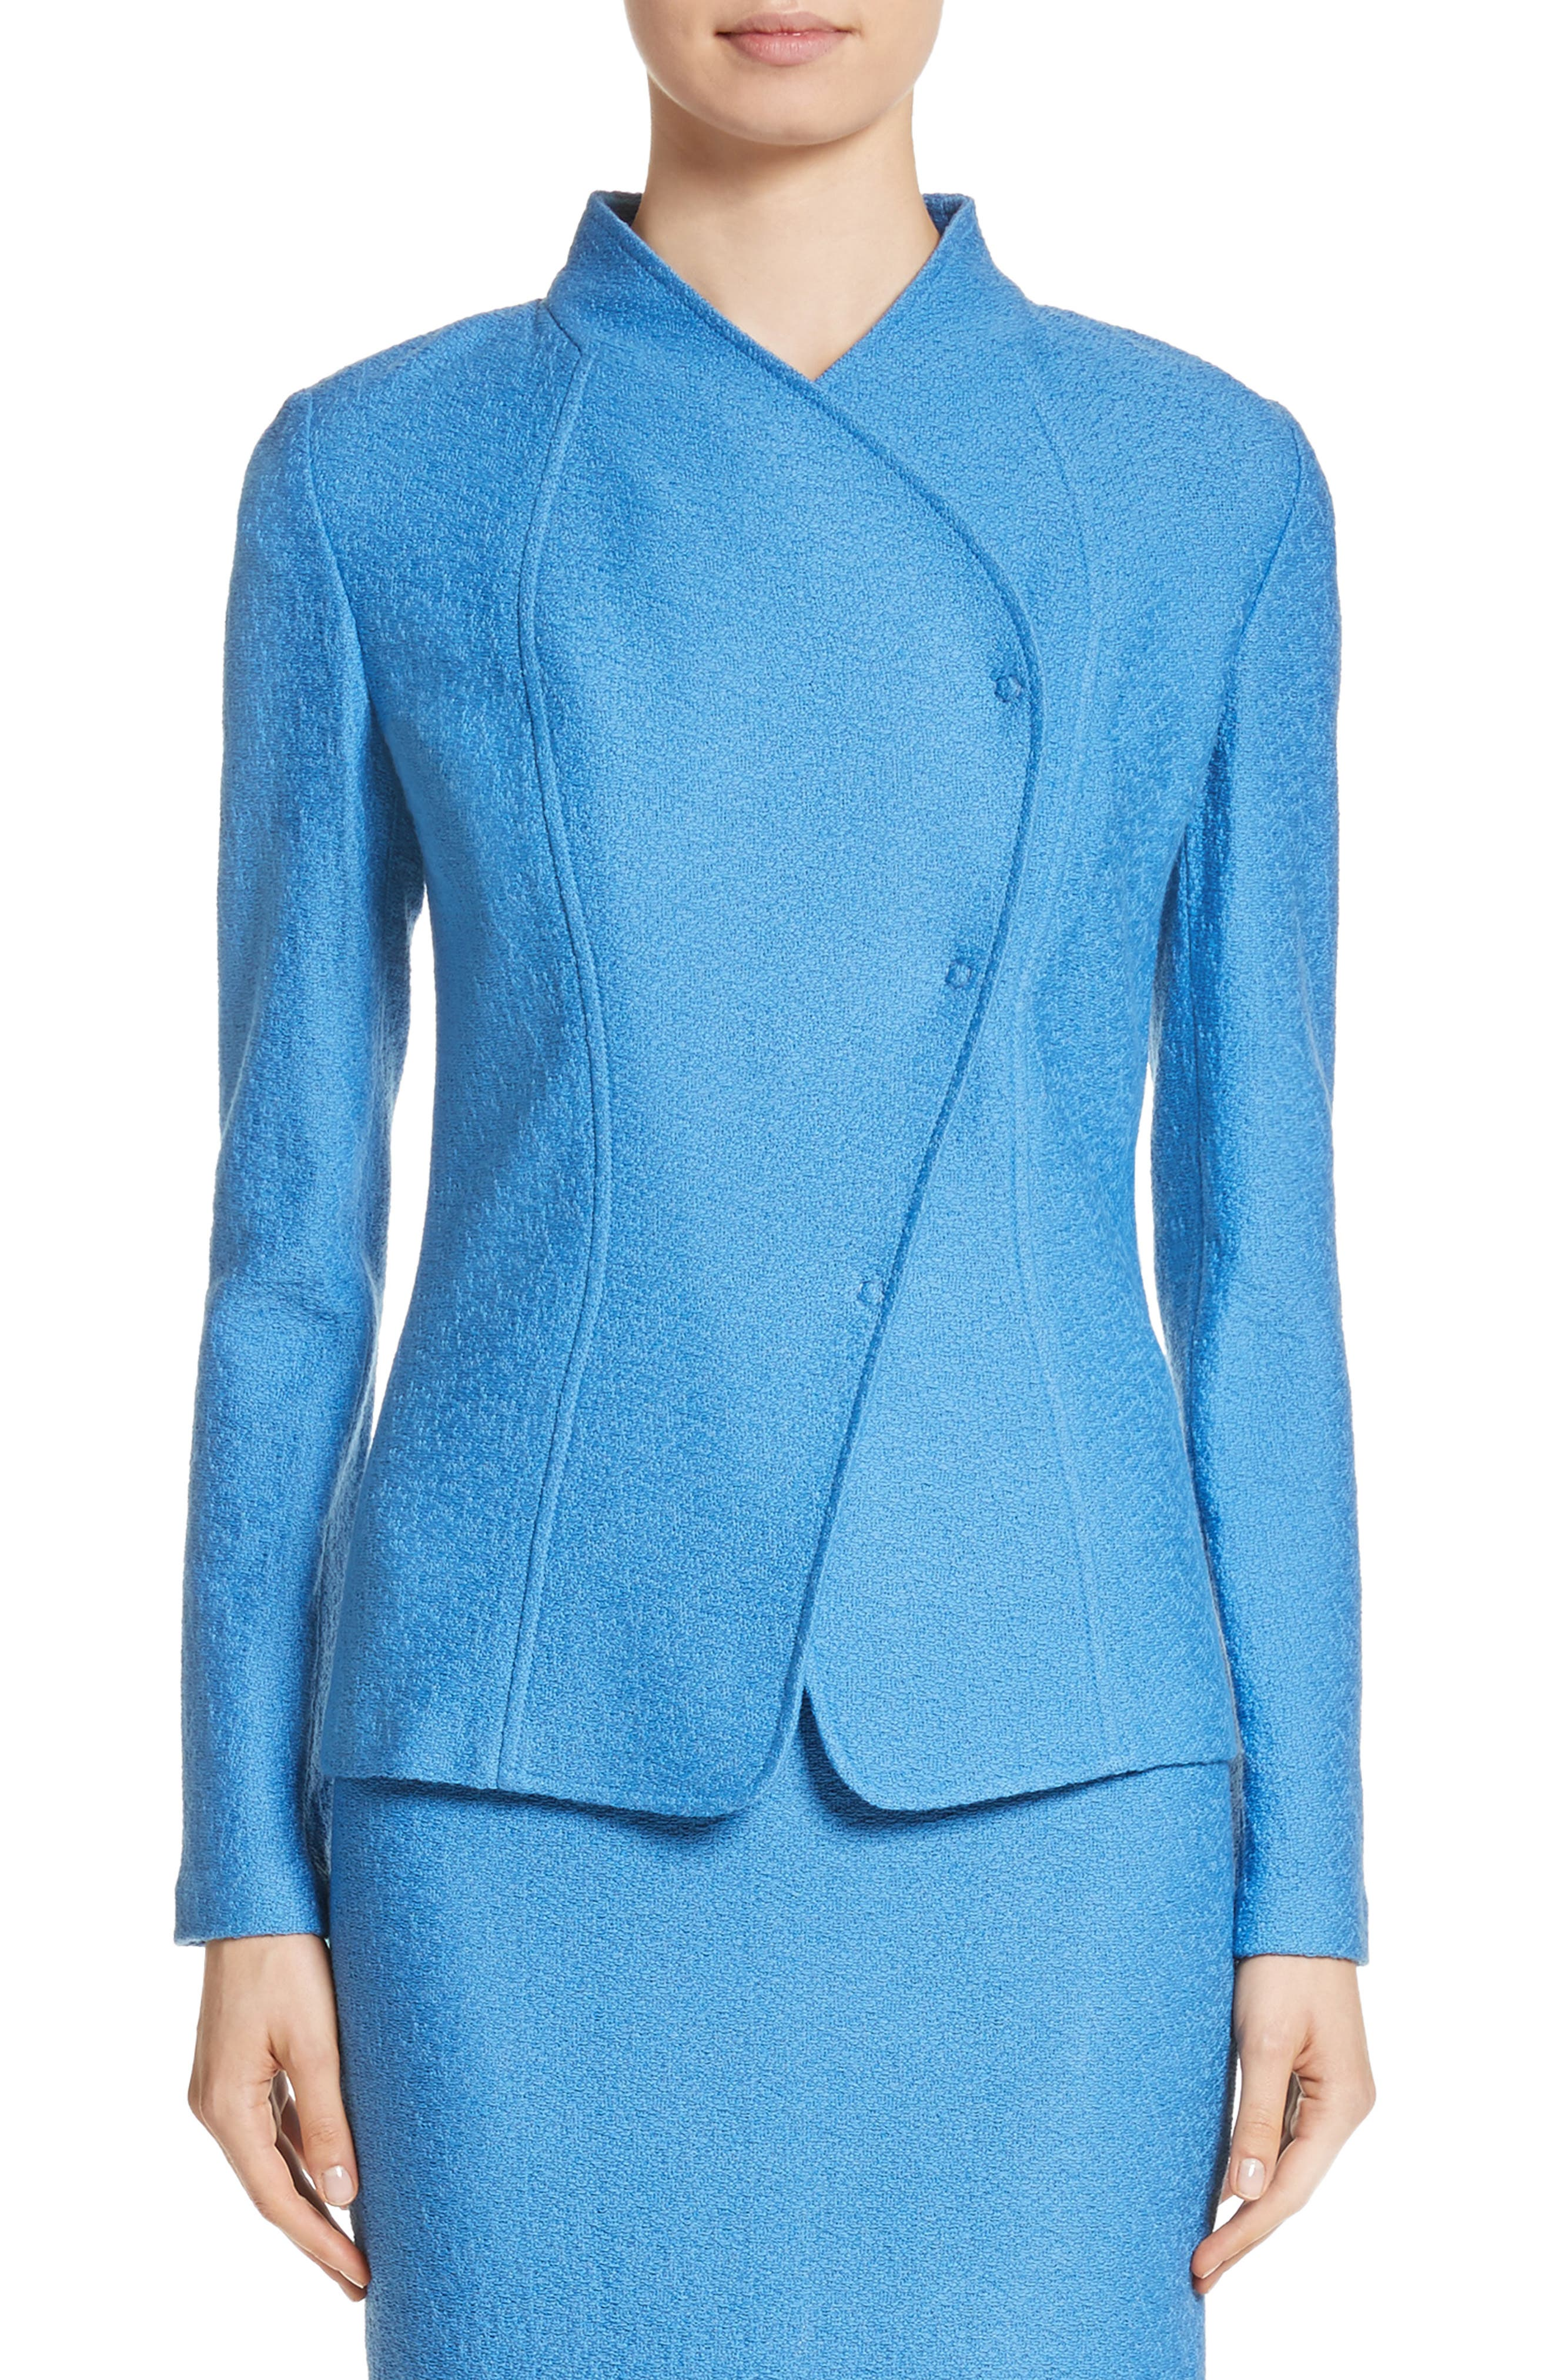 Hannah Knit Stand Collar Jacket,                         Main,                         color, Niagara